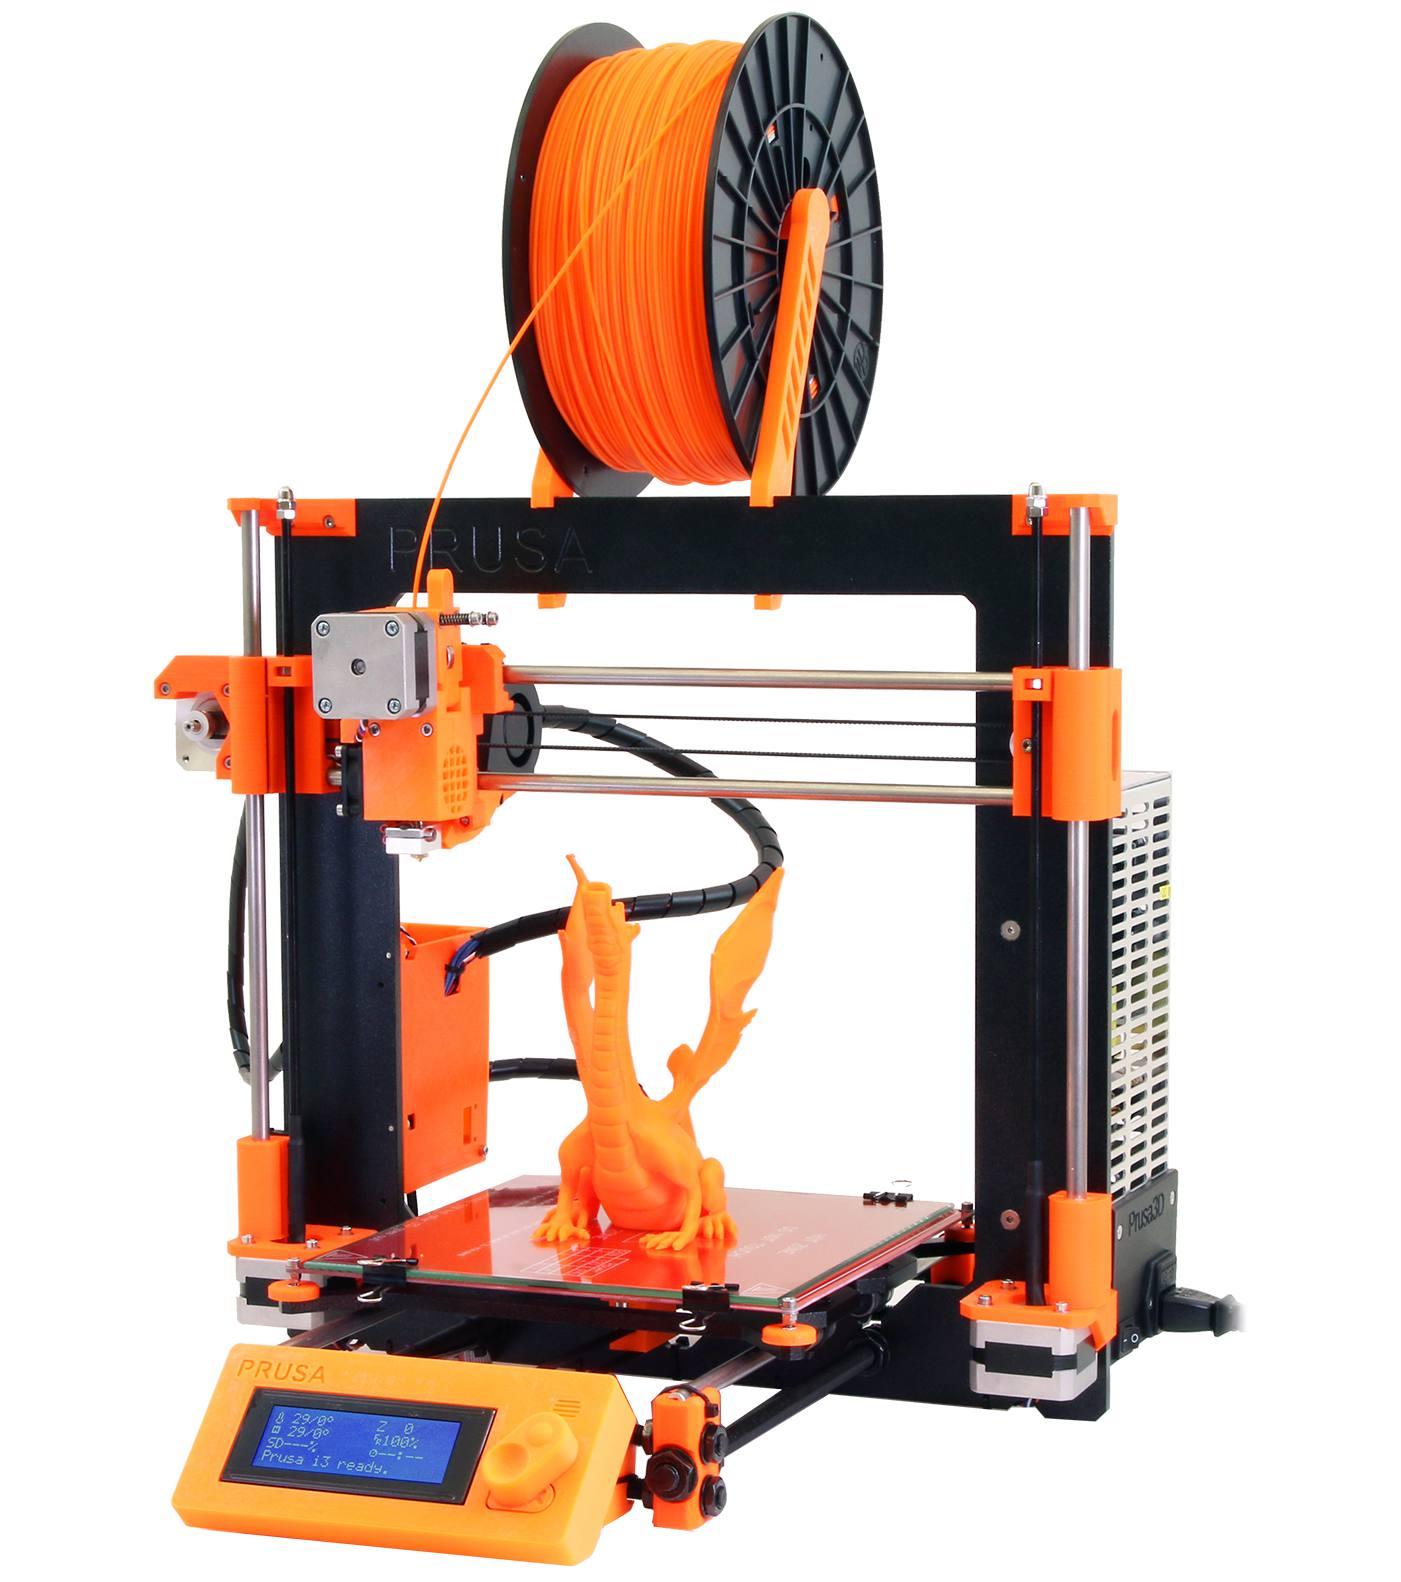 impresora 3D - Prusa i3